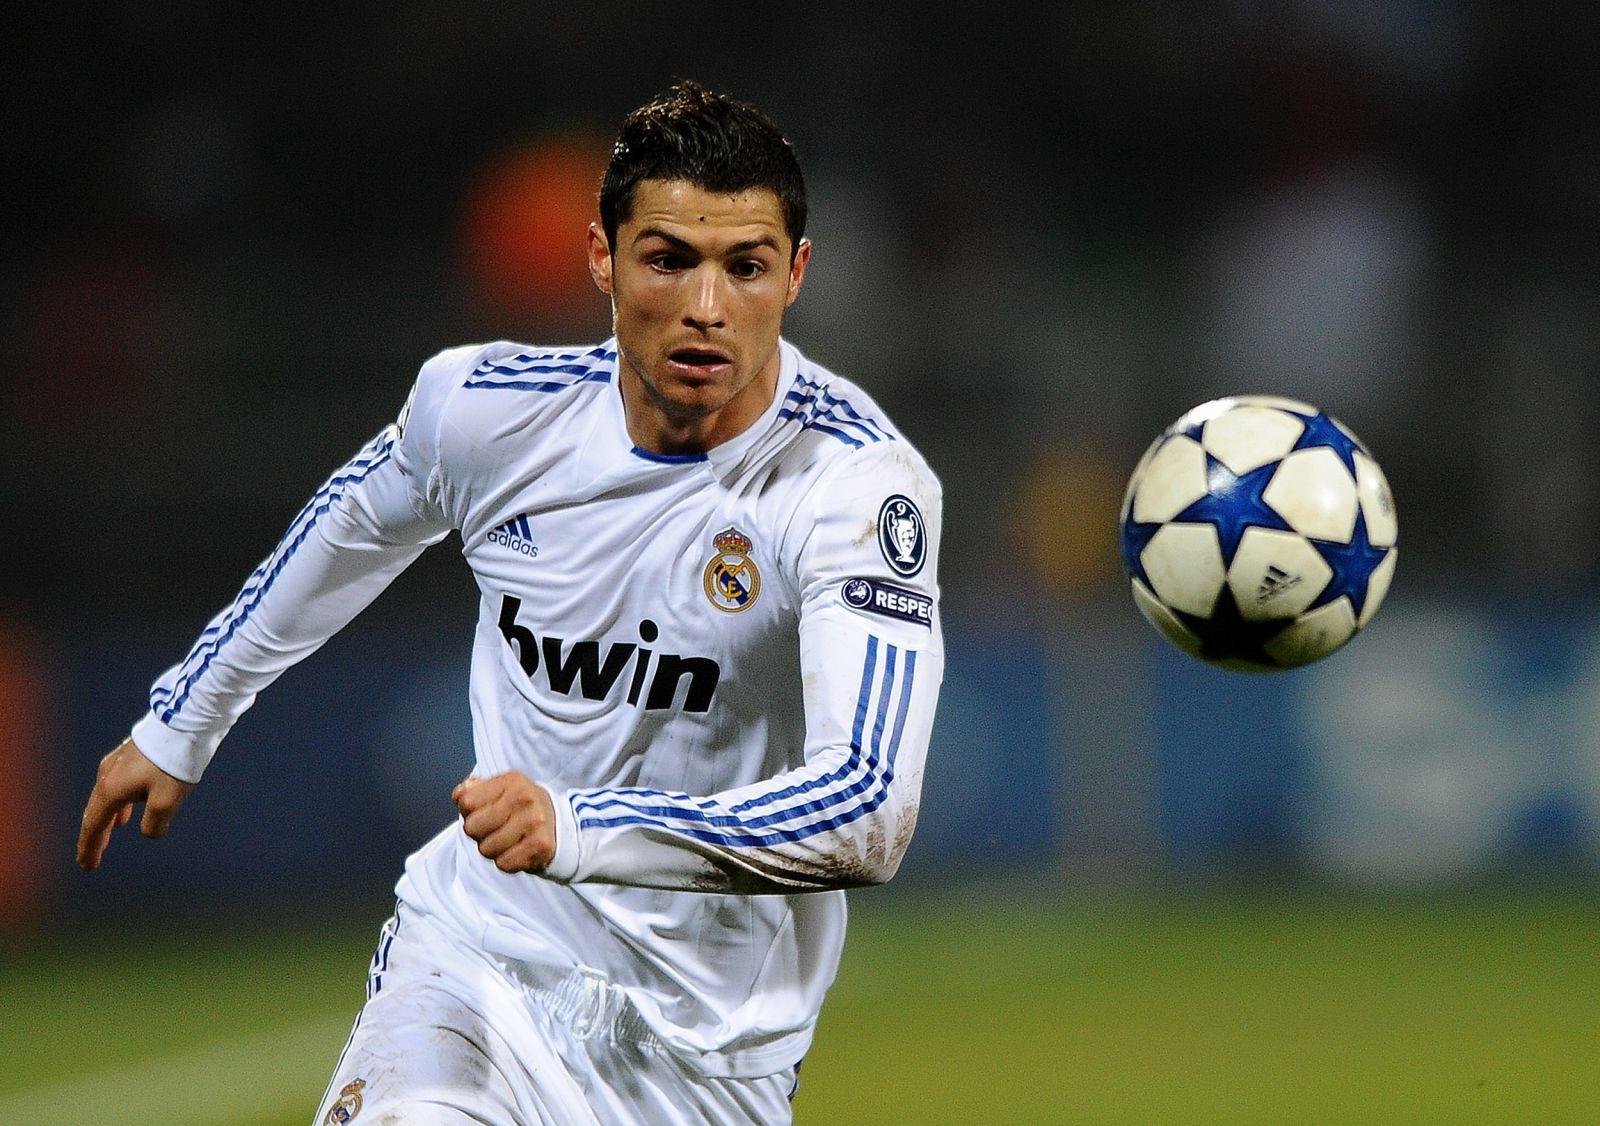 Hd wallpaper ronaldo - Cristiano Ronaldo Hd Imagescristiano